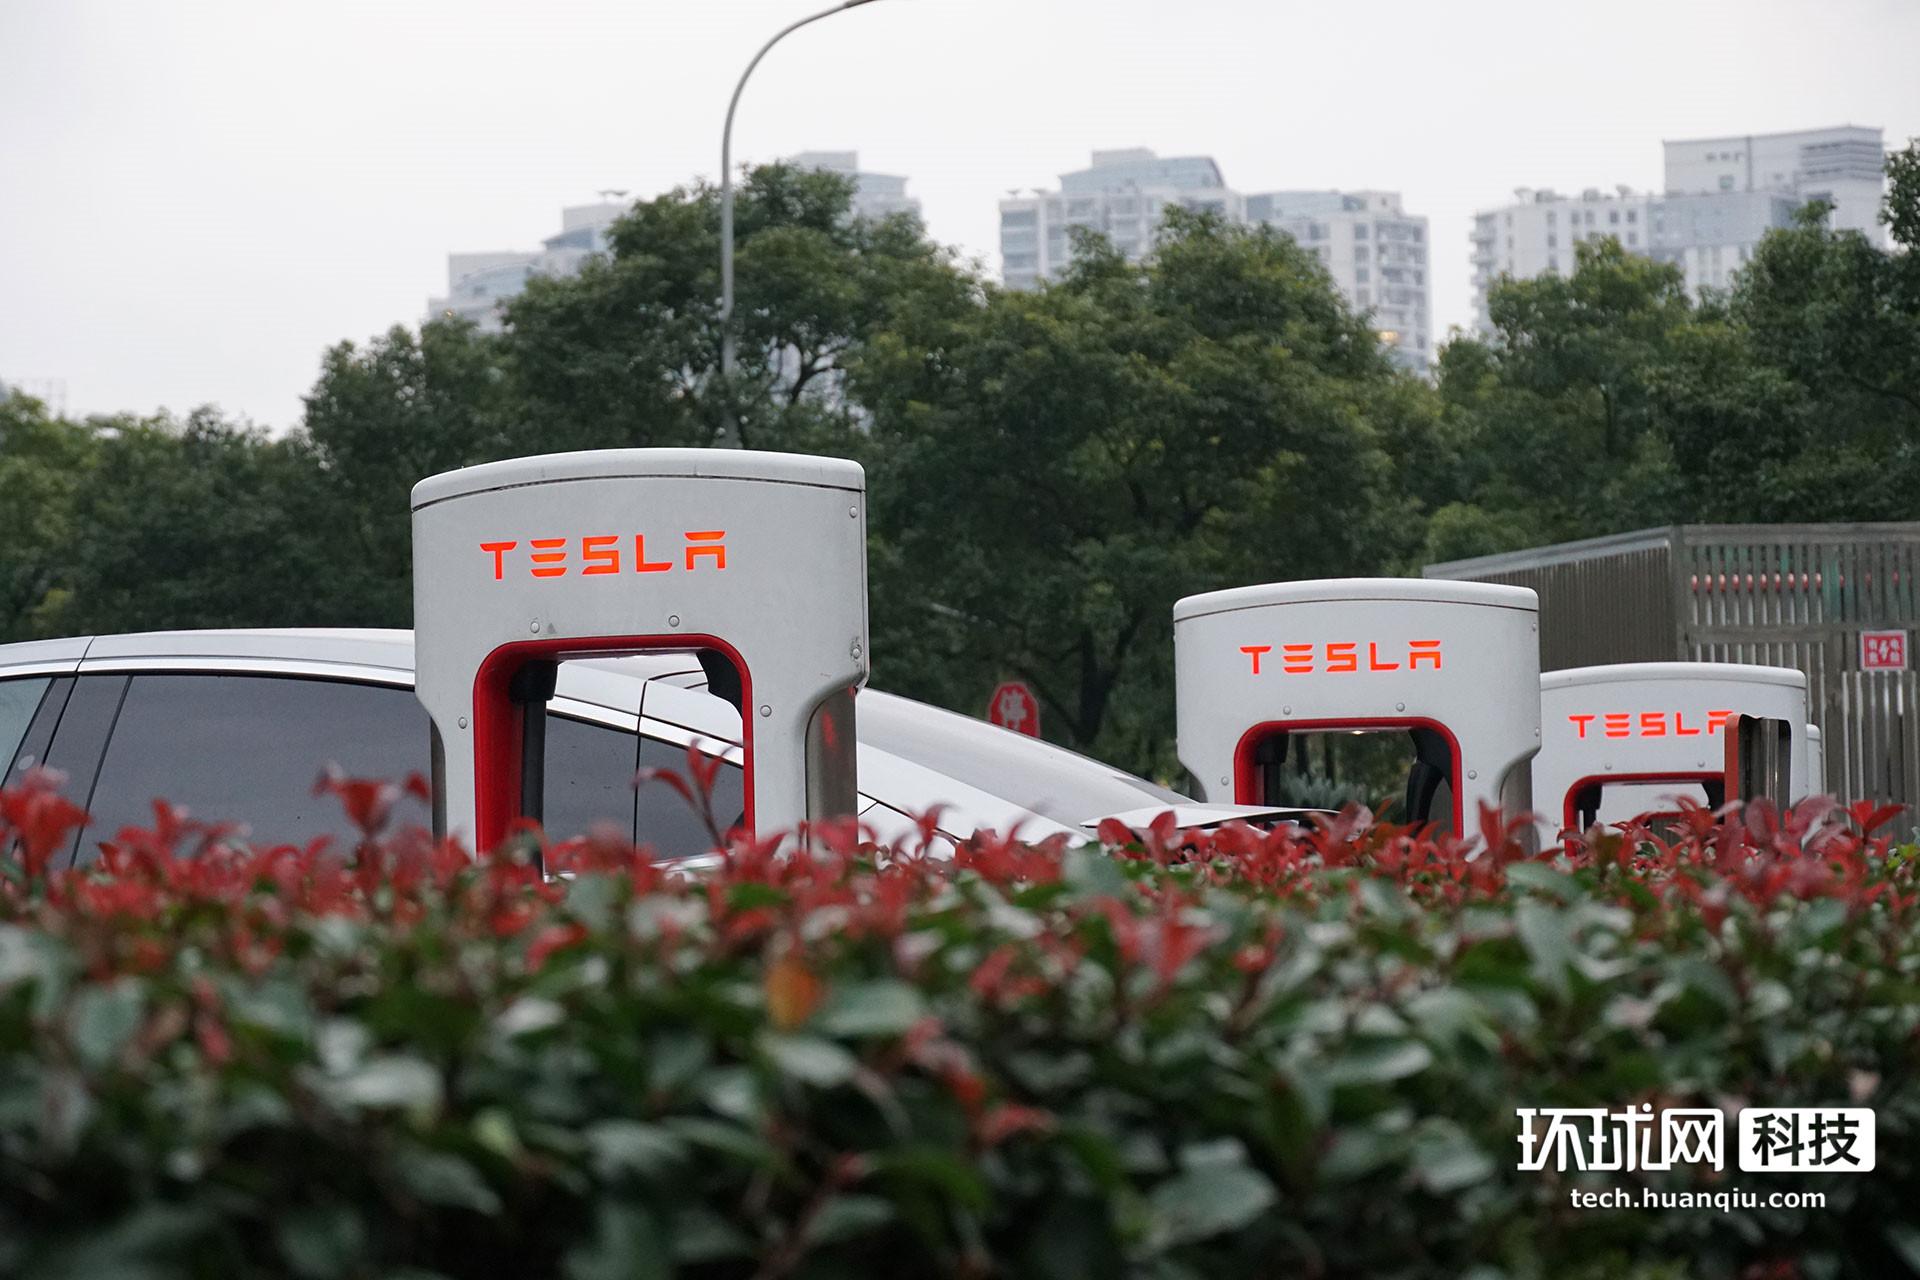 国网上海电力:特斯拉电力配套9月底前完成